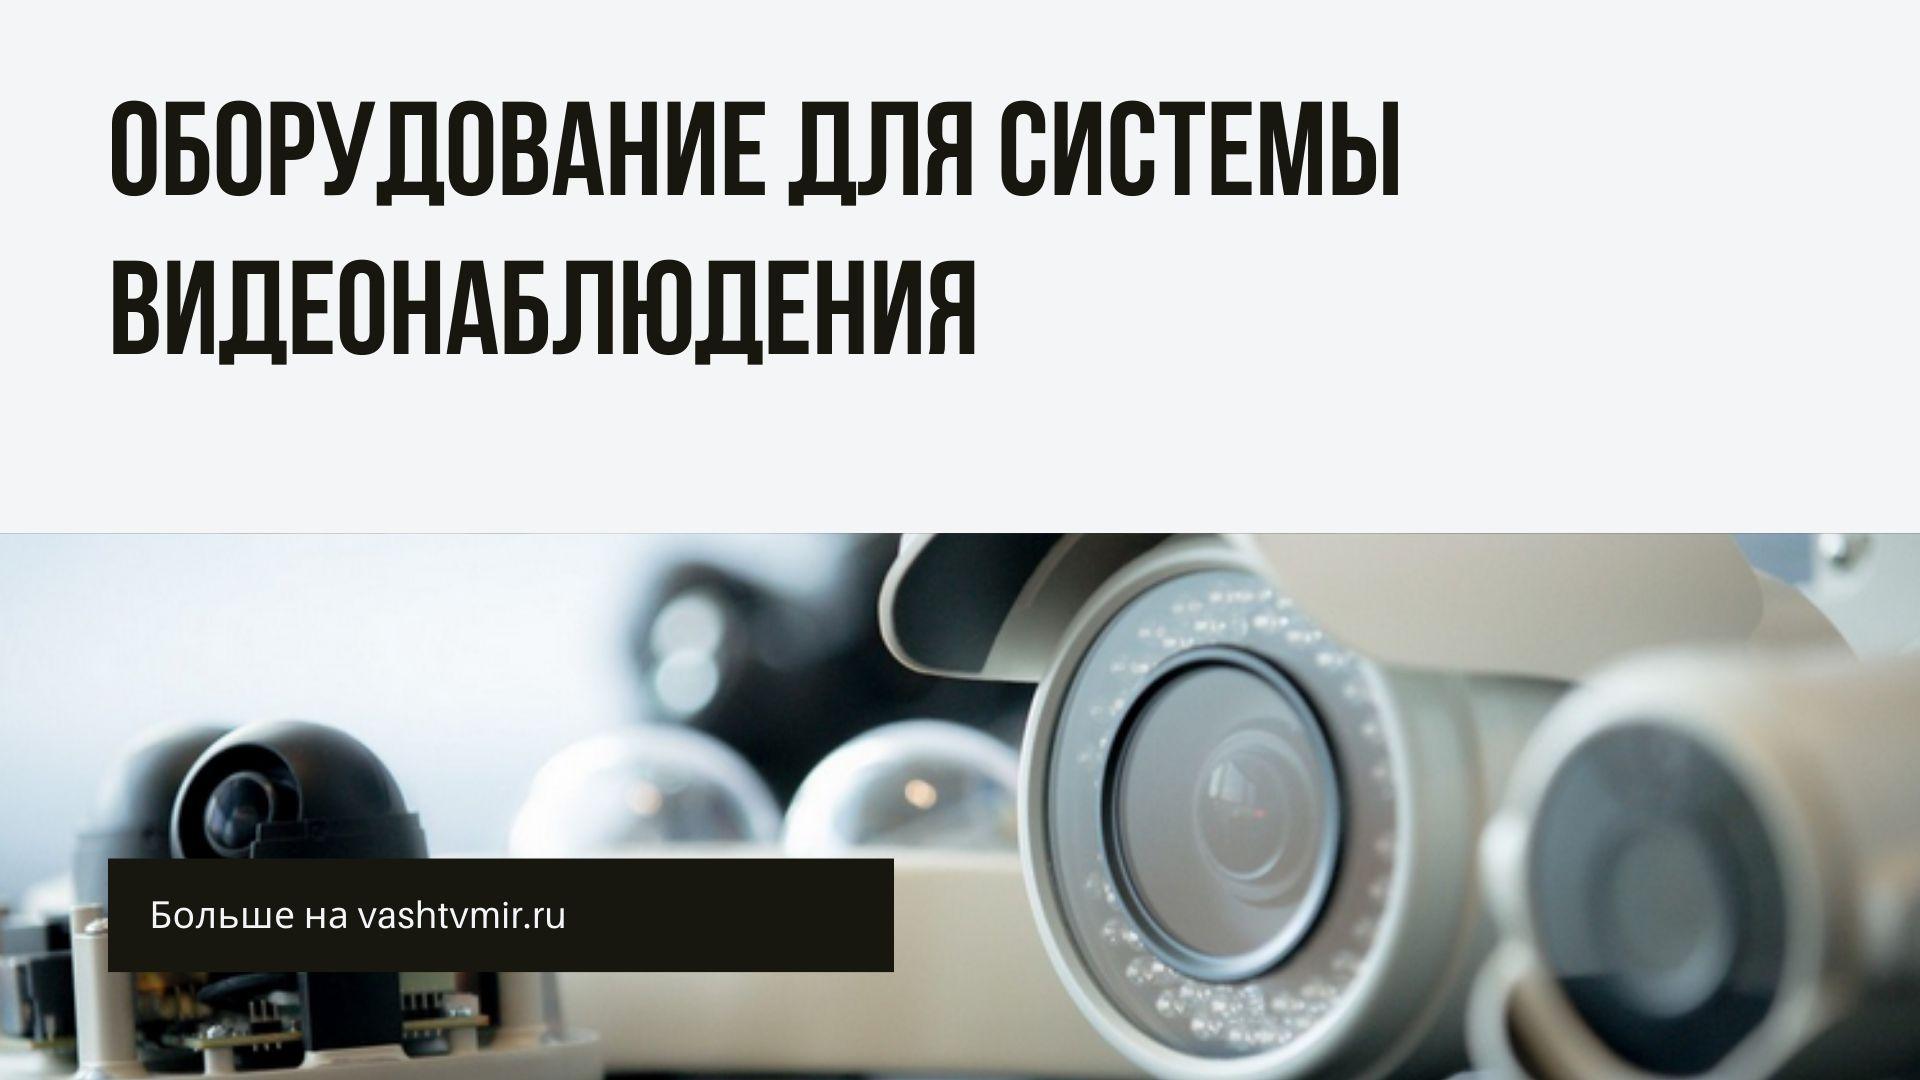 Оборудование для системы видеонаблюдения